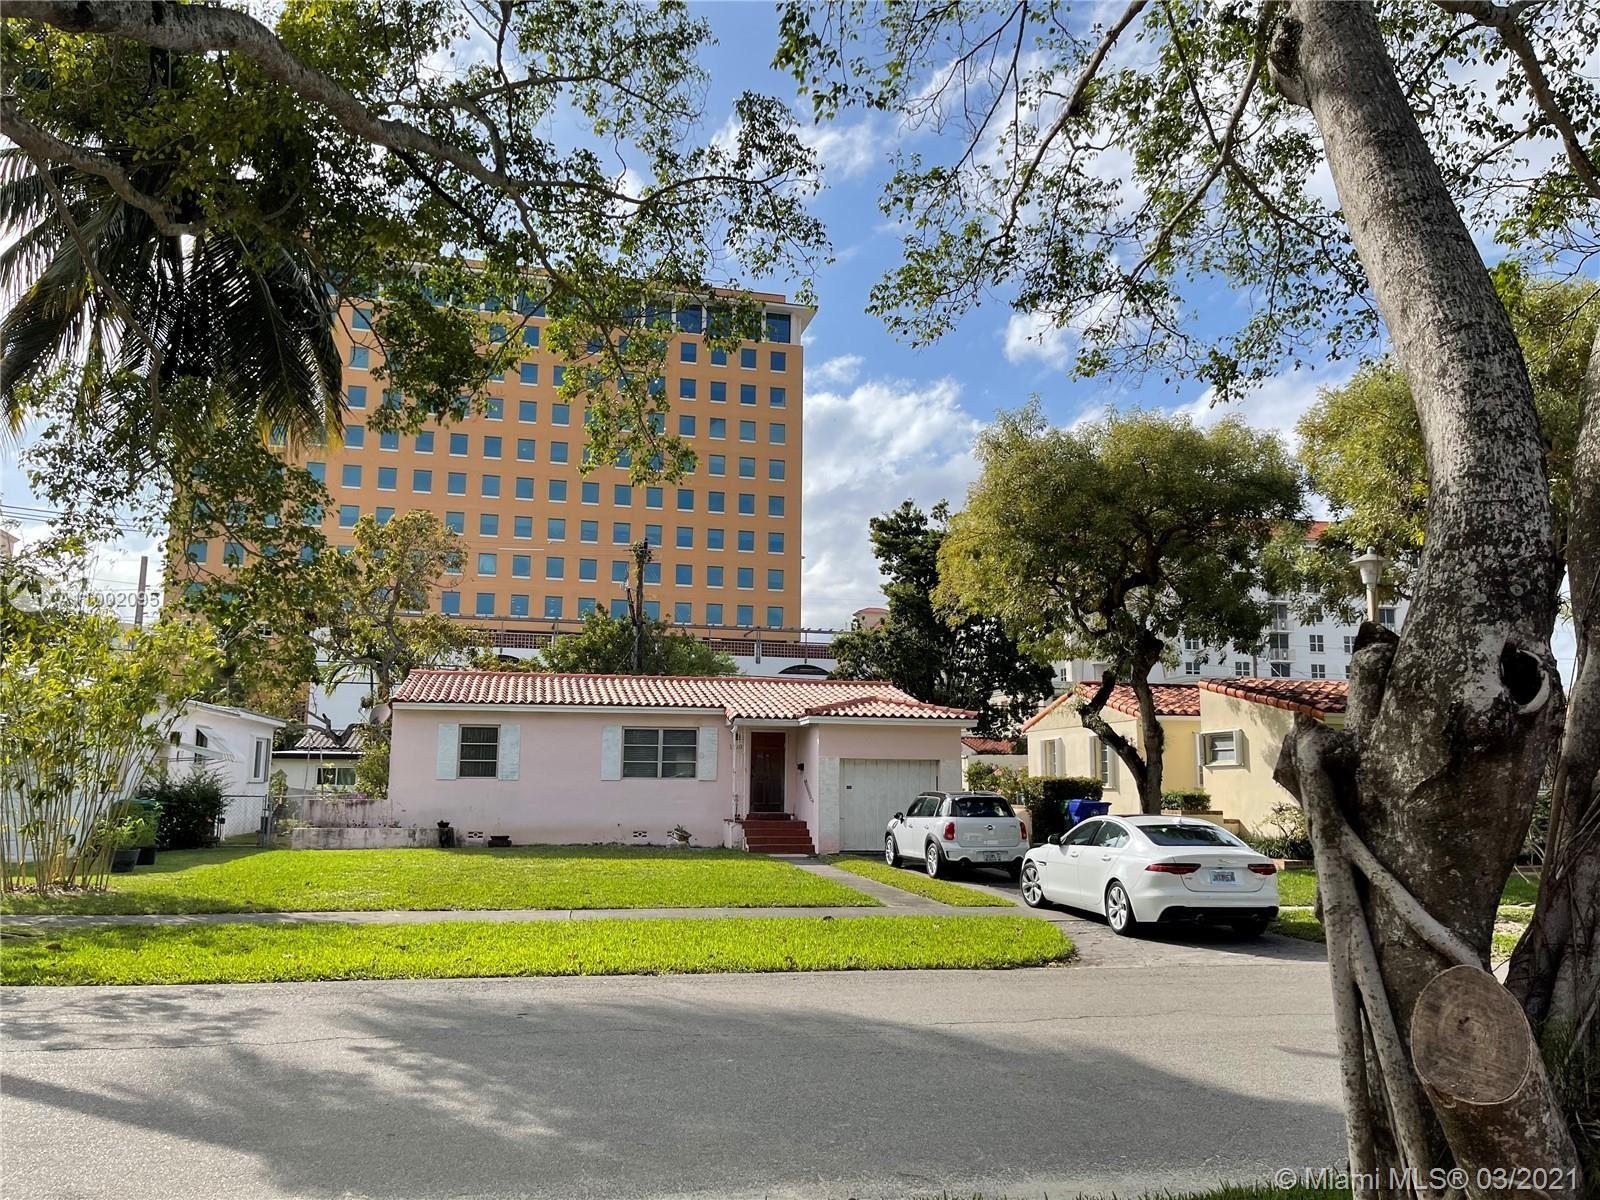 1910 SW 36th Ct, Miami, FL 33145 - #: A11002095